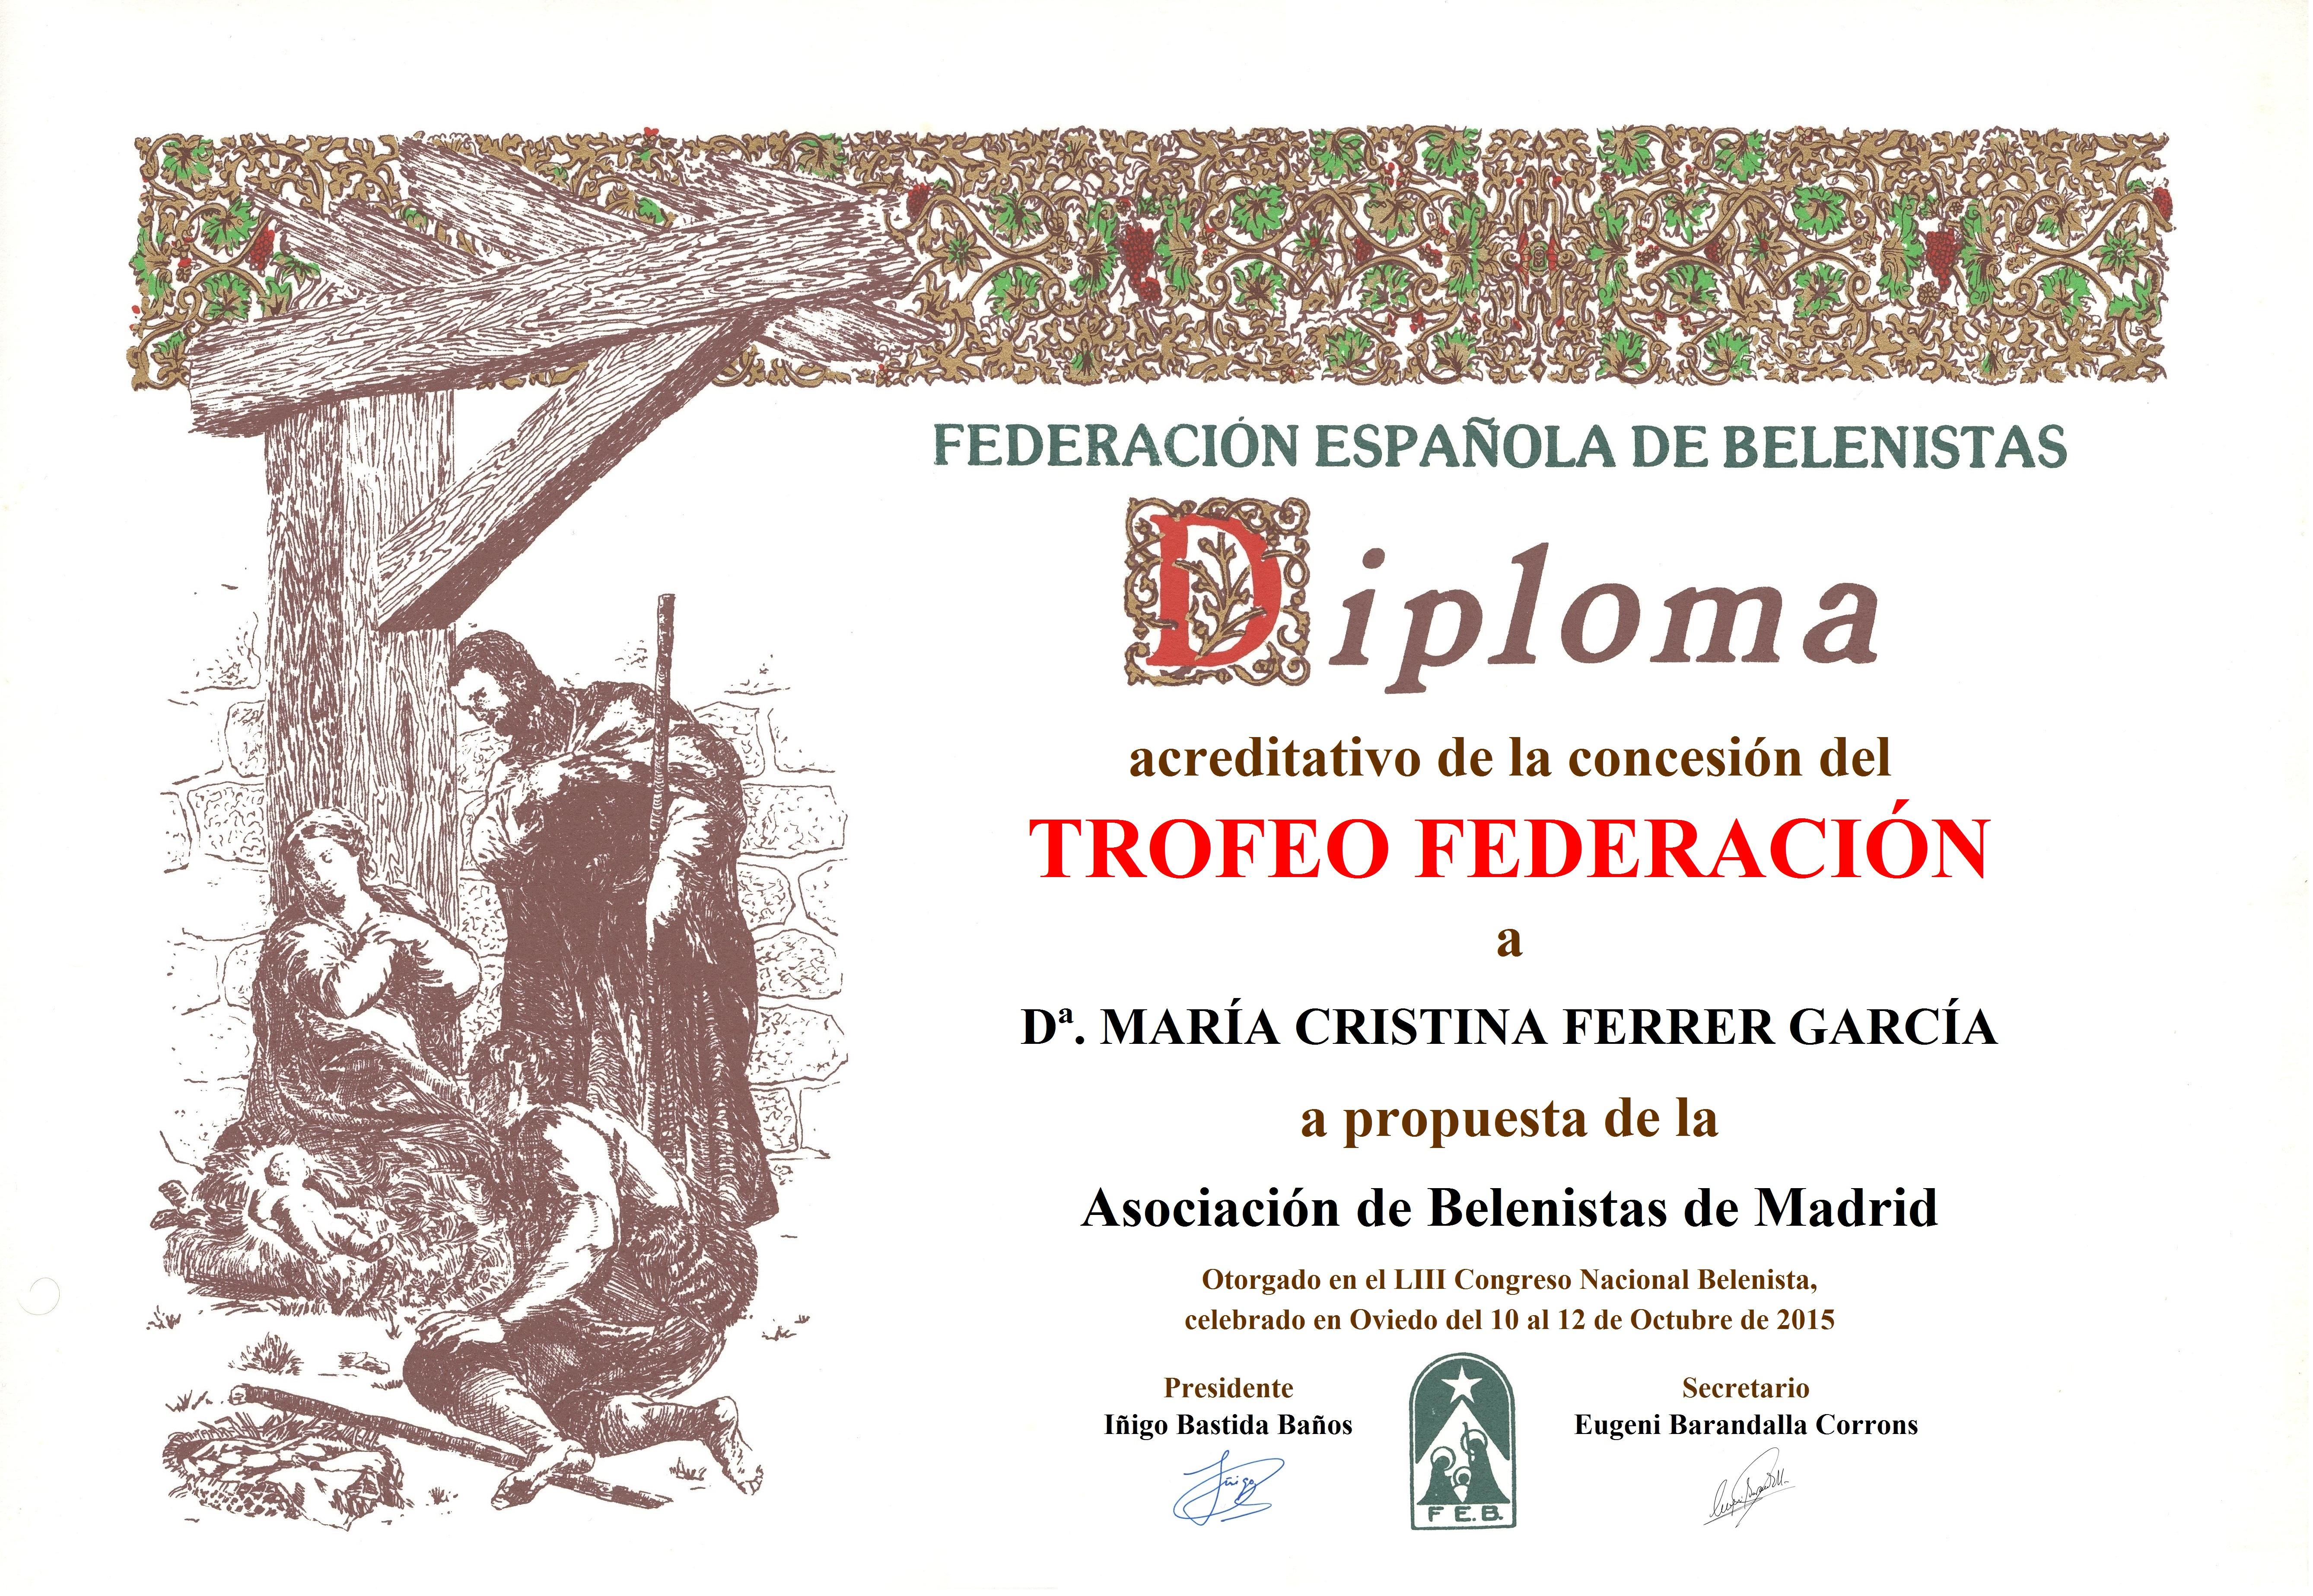 Diploma Trofeo FEB 2015 María Cristina Ferrer García